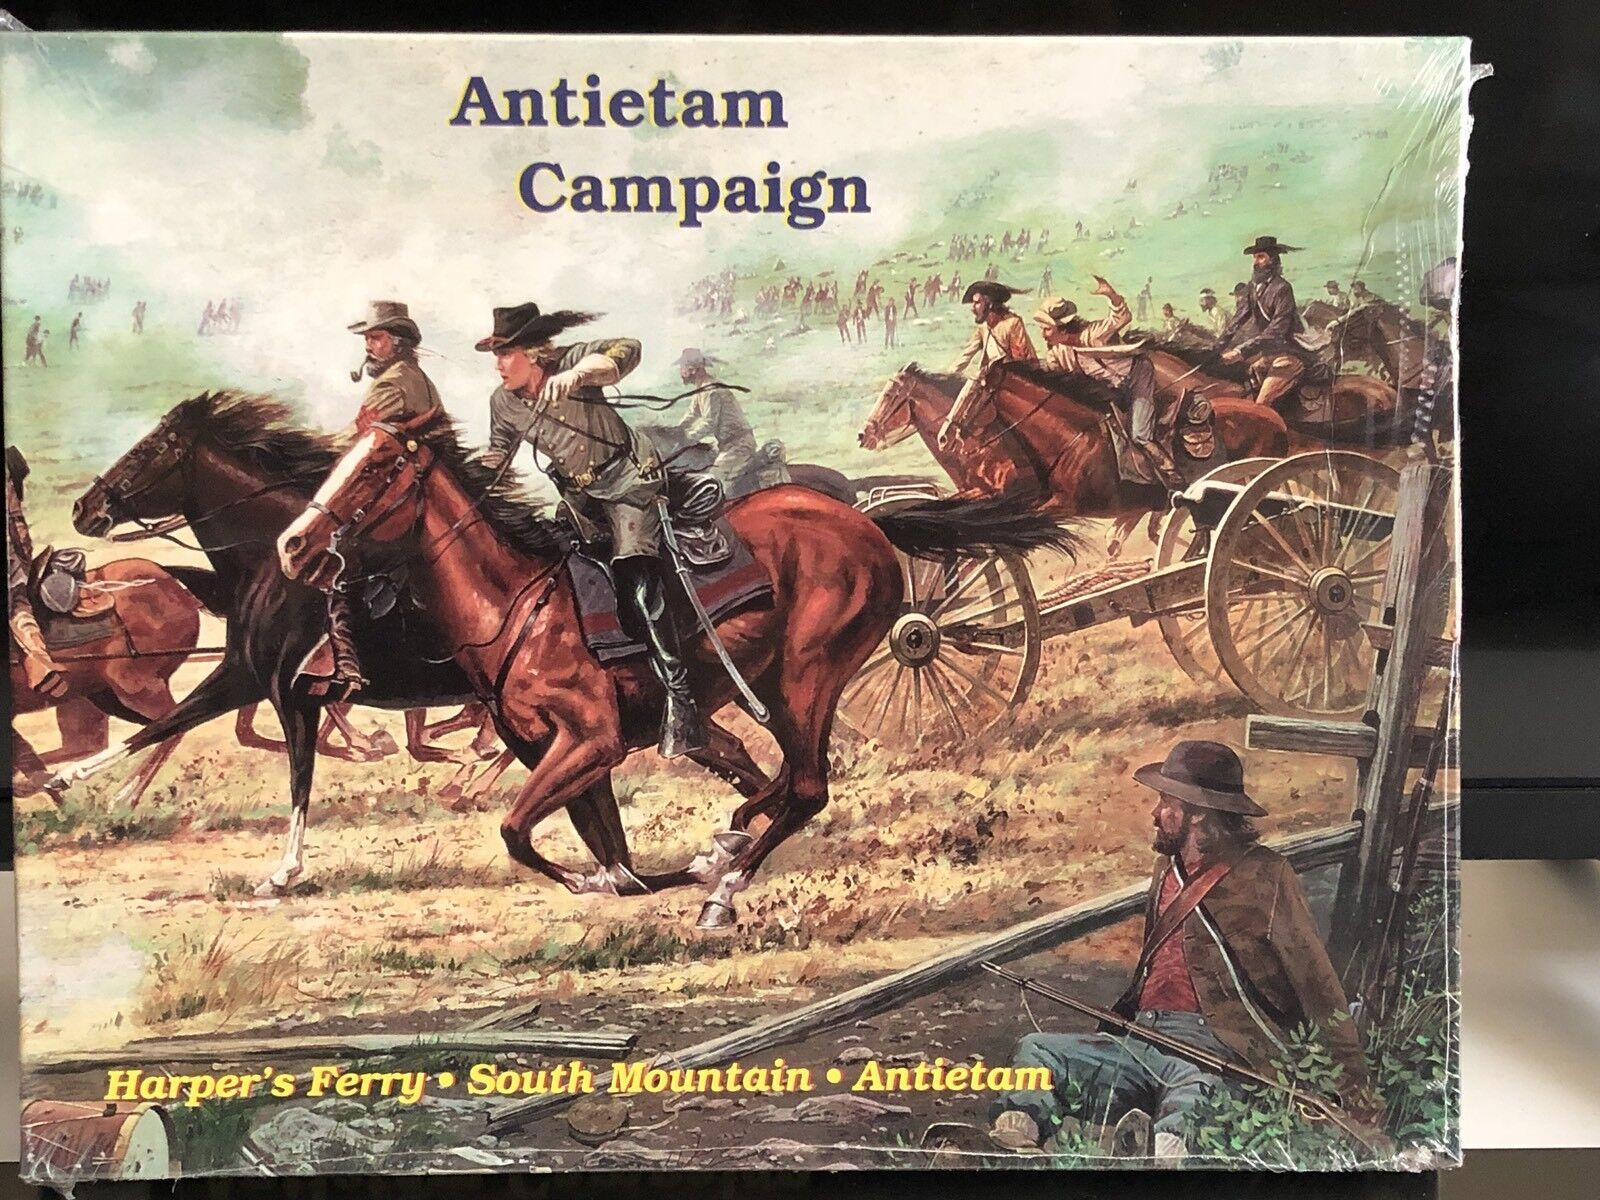 Antietam Campaign  Decision Games 04007 NEW SEALED SHRINK 1995 Rare Game